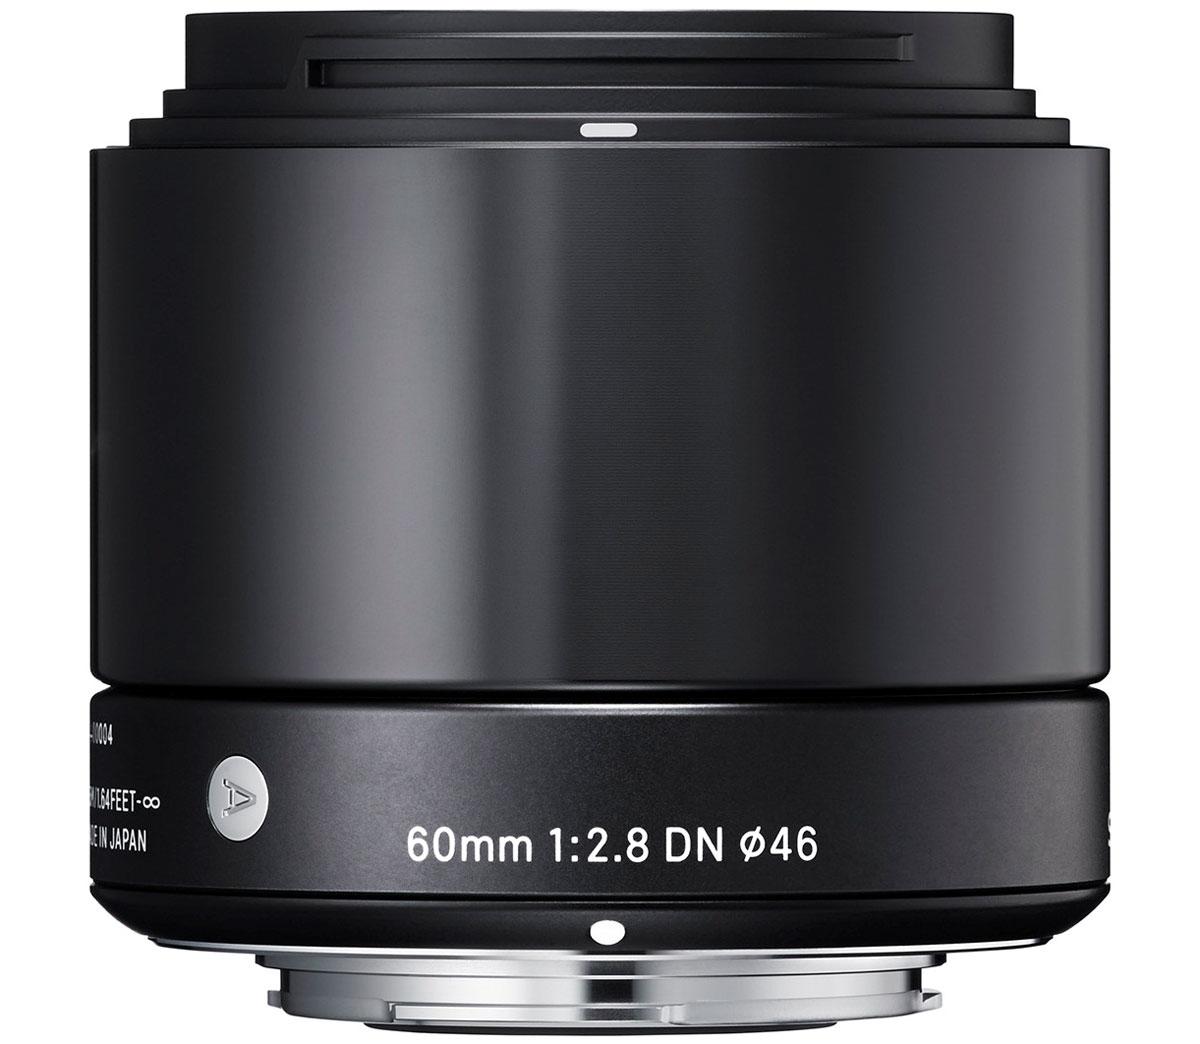 Sigma AF 60mm f/2.8 DN/A, Black объектив для Sony E (NEX)350965Объектив Sigma AF 60mm f/2.8 DN/A создан с применением передовых оптических технологий - легкий и компактный, с небольшой глубиной резкости - позволяет фотографу эффектно выделять отдельные части объекта съемки. Фокусное расстояние в эквиваленте равно 120 мм для Micro Four/Third и 90 мм для Sony E. Объектив создает изображения с натуральной перспективой и небольшой глубиной резкости, что вкупе с приятным боке делает снимки особо выразительными. Кроме этого, значительно улучшена функциональность. Простая форма кольца фокусировки, различие текстур каждой части, использование металла как основного материала и цельный корпус - все это составляющие дизайна Sigma AF 60mm f/2.8 DN/A. В конструкции объектива применяется самое современное сверхнизнодисперсное оптическое стекло (SLD), а также литые асферические элементы, что гарантирует превосходное исправление искажений и других видов аберрации. Закругленная 7-лепестковая диафрагма создает привлекательное...